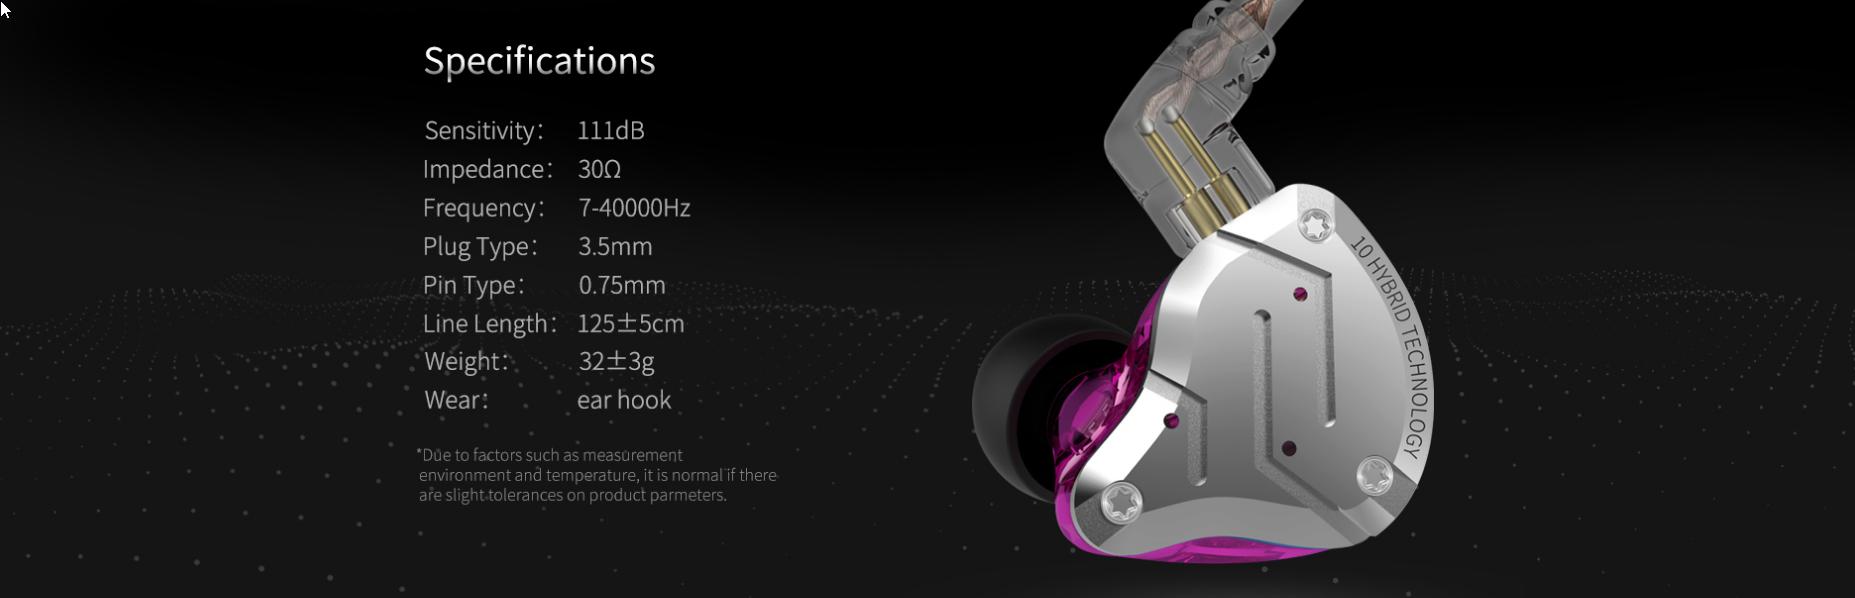 KZ-ZS10 Pro fülhallgató teszt 12